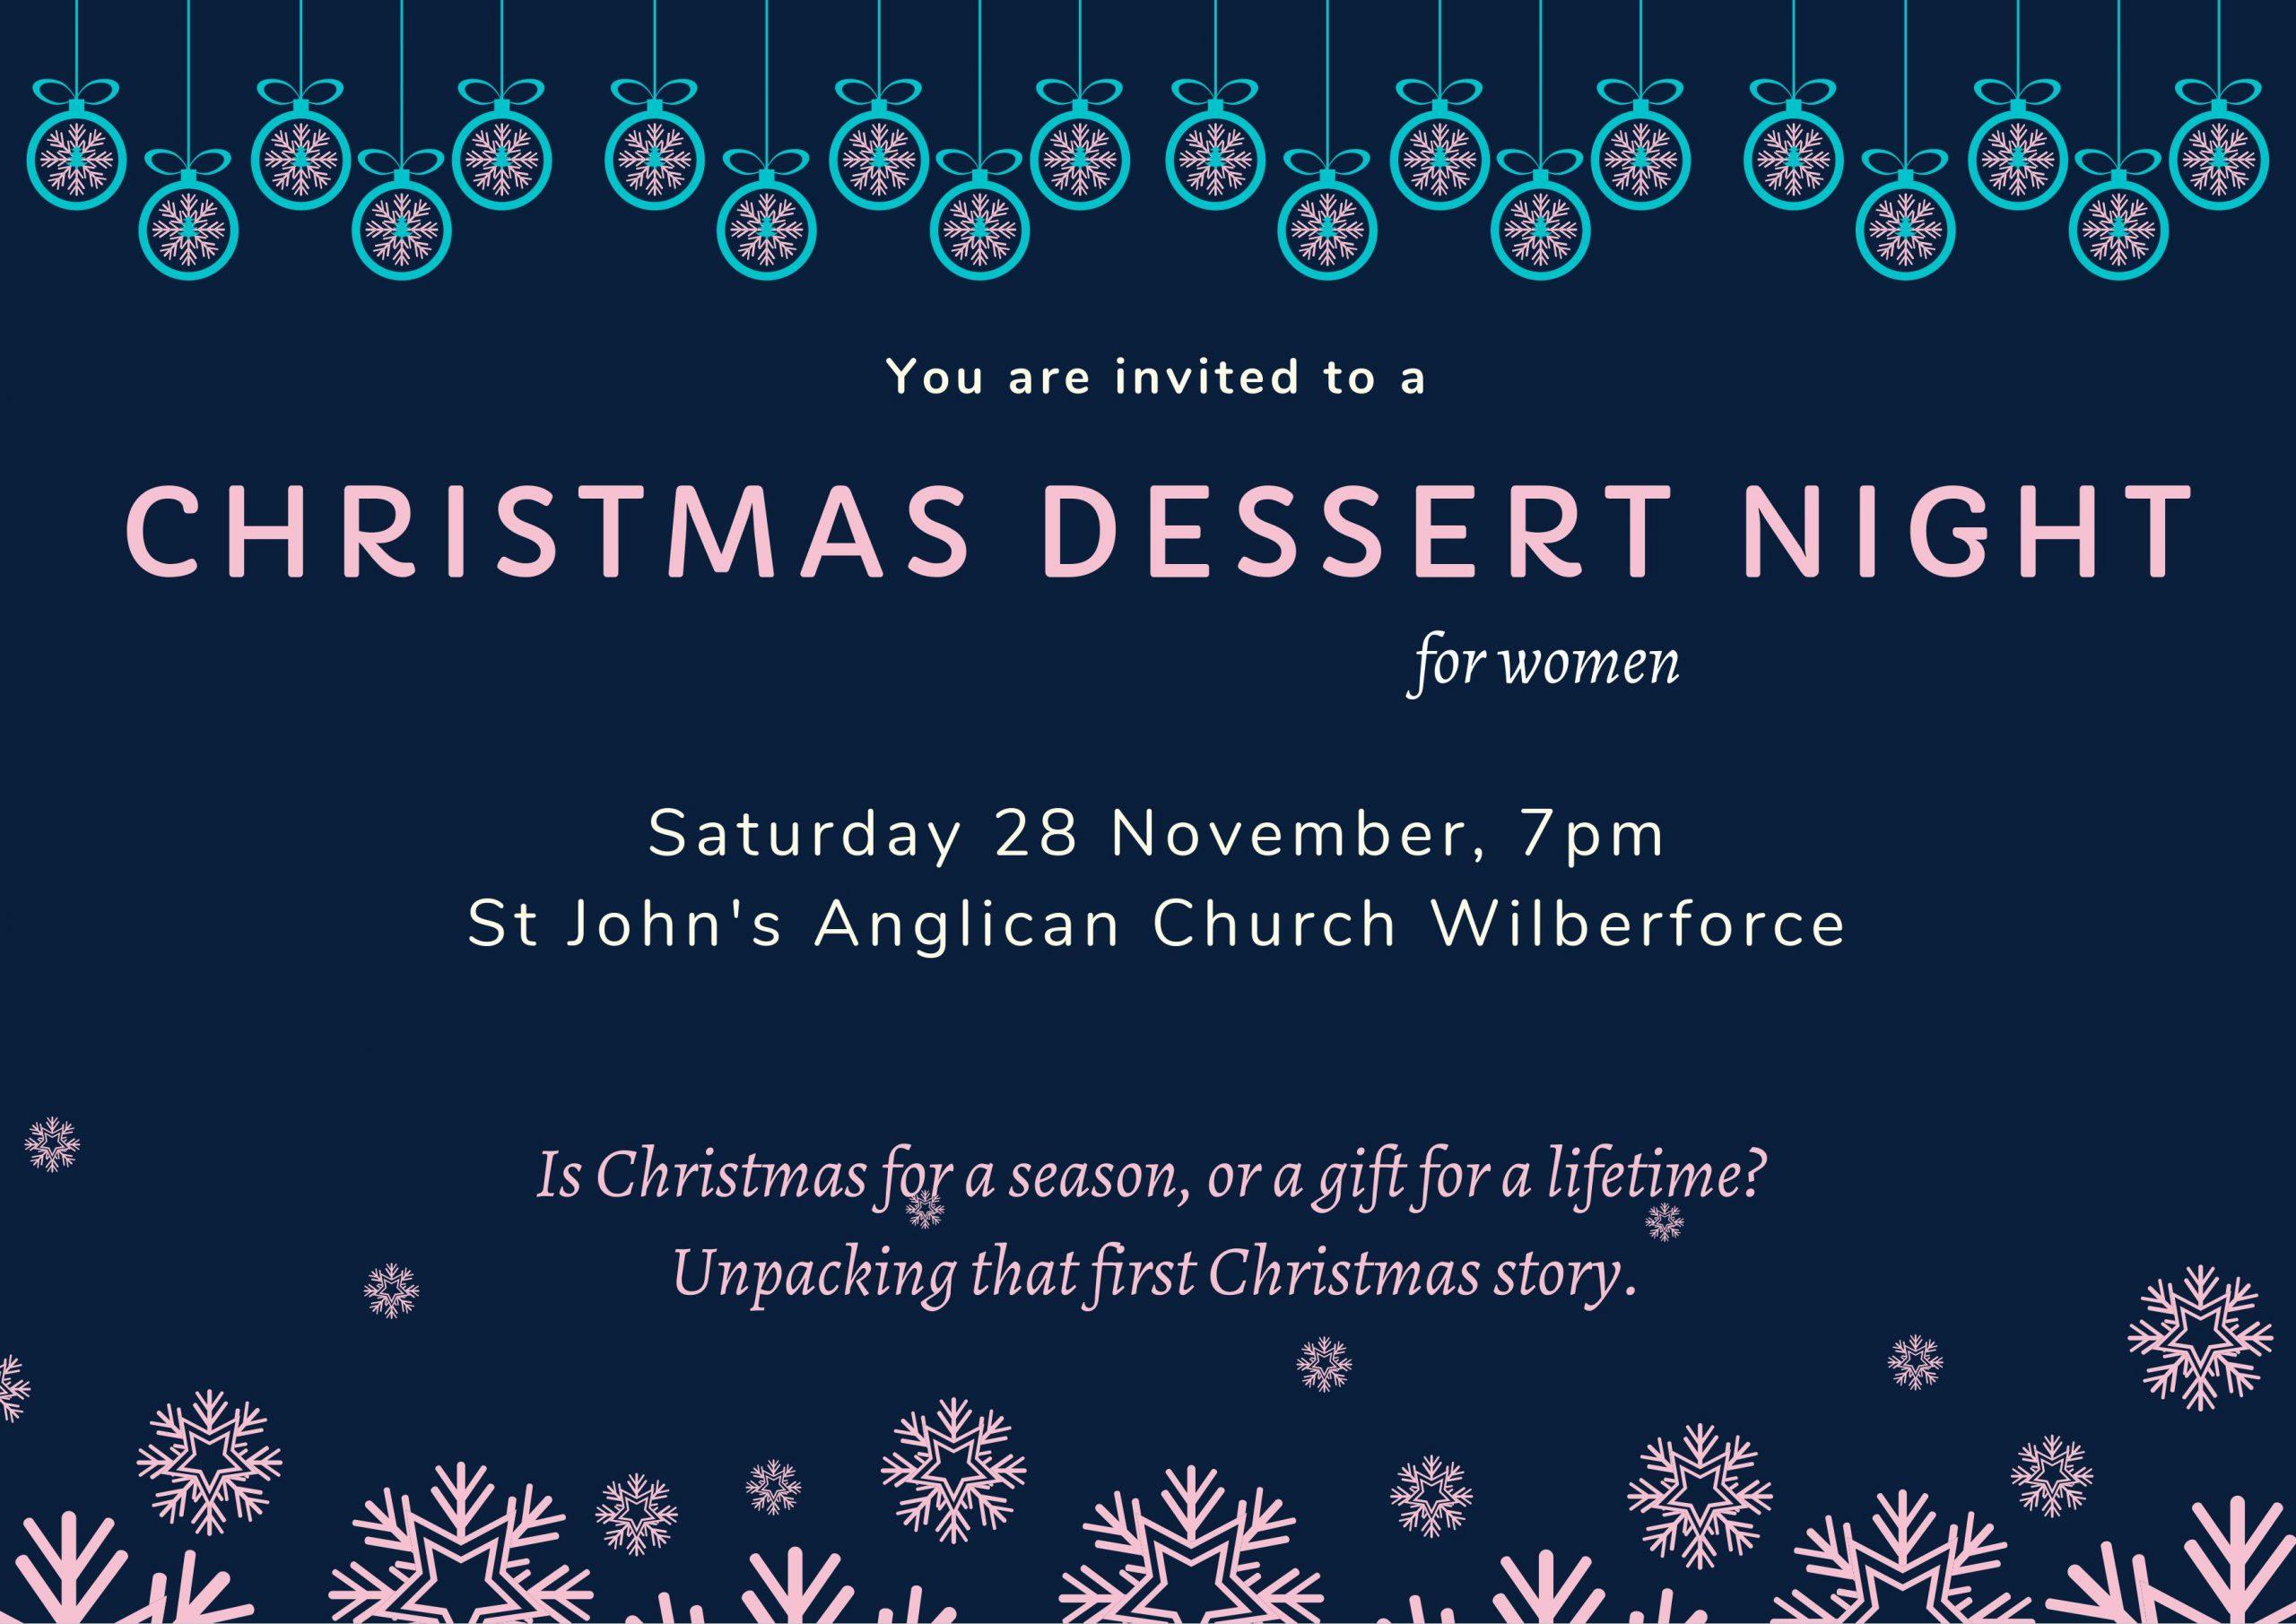 Women's Christmas Dessert Night Flyer - 28 November 2020